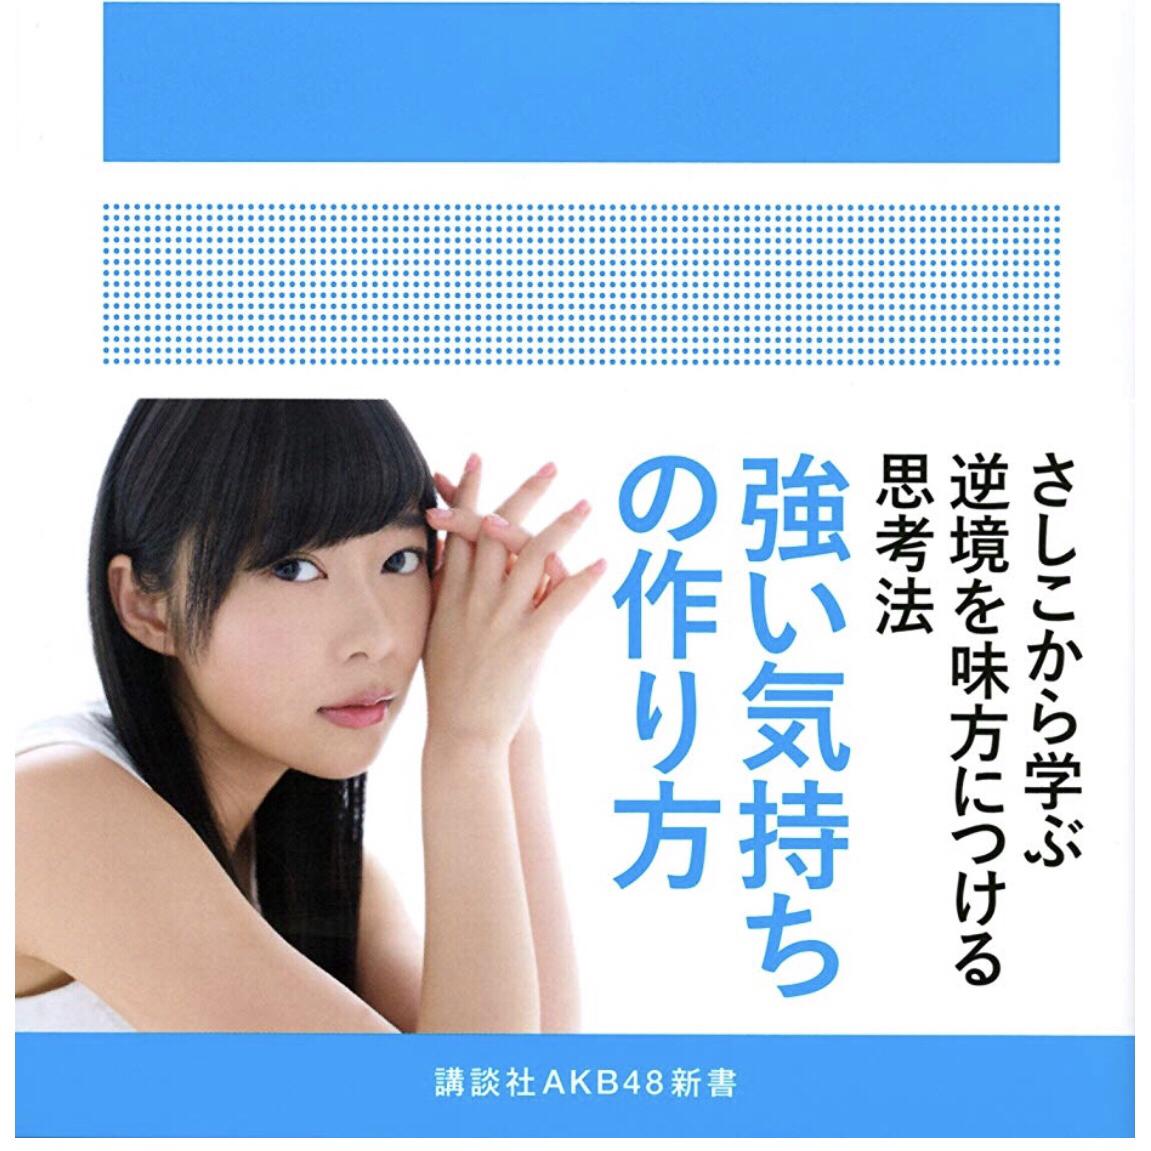 指原莉乃(HKT48)『逆転力〜ピンチを待て〜』講談社MOOK